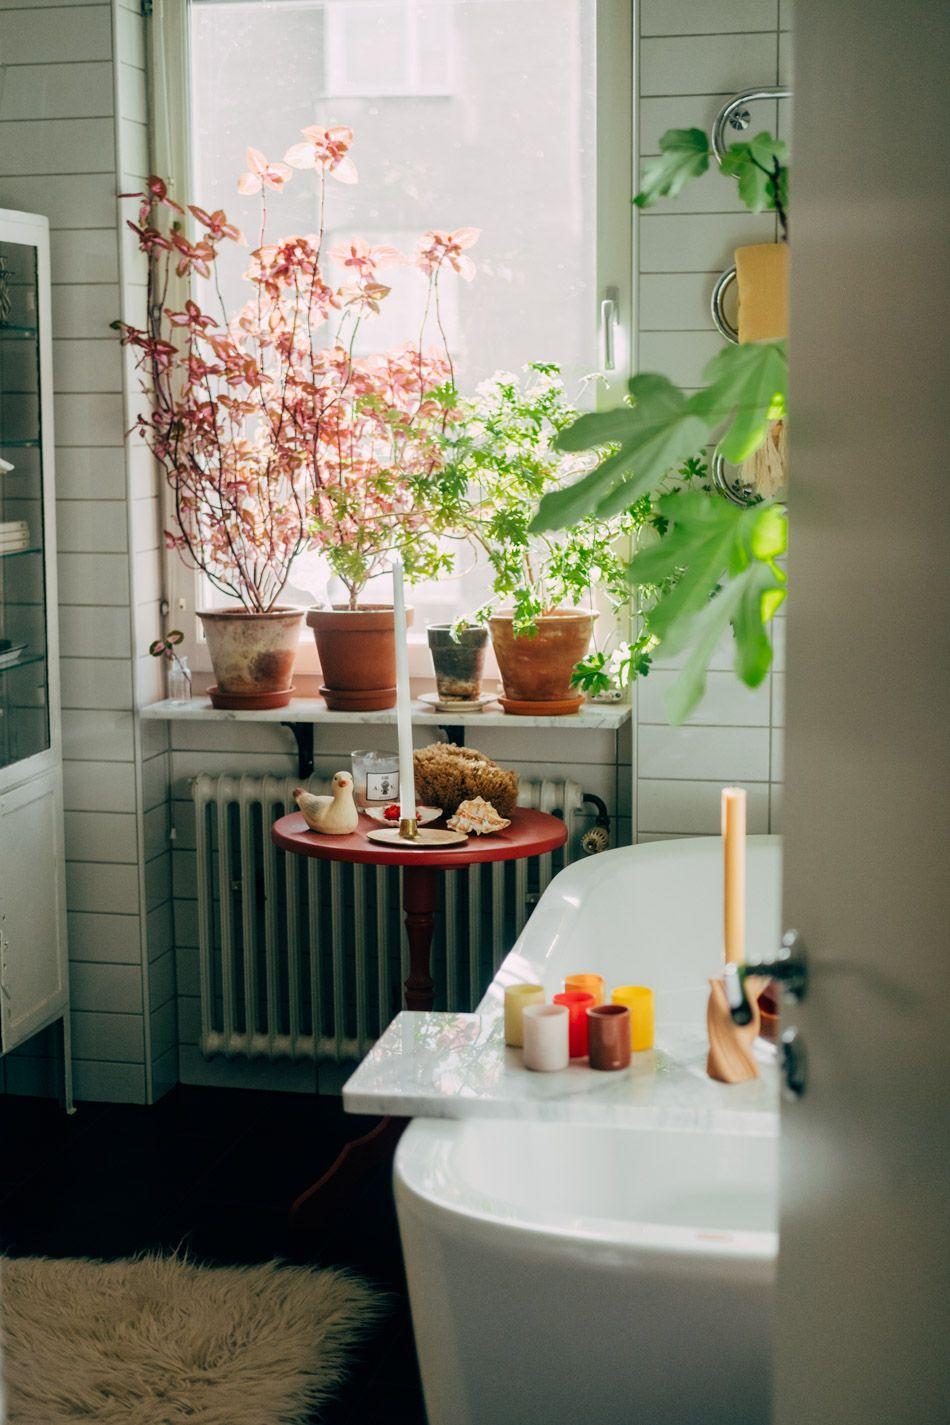 Dekorera ditt badrum med vackra växter